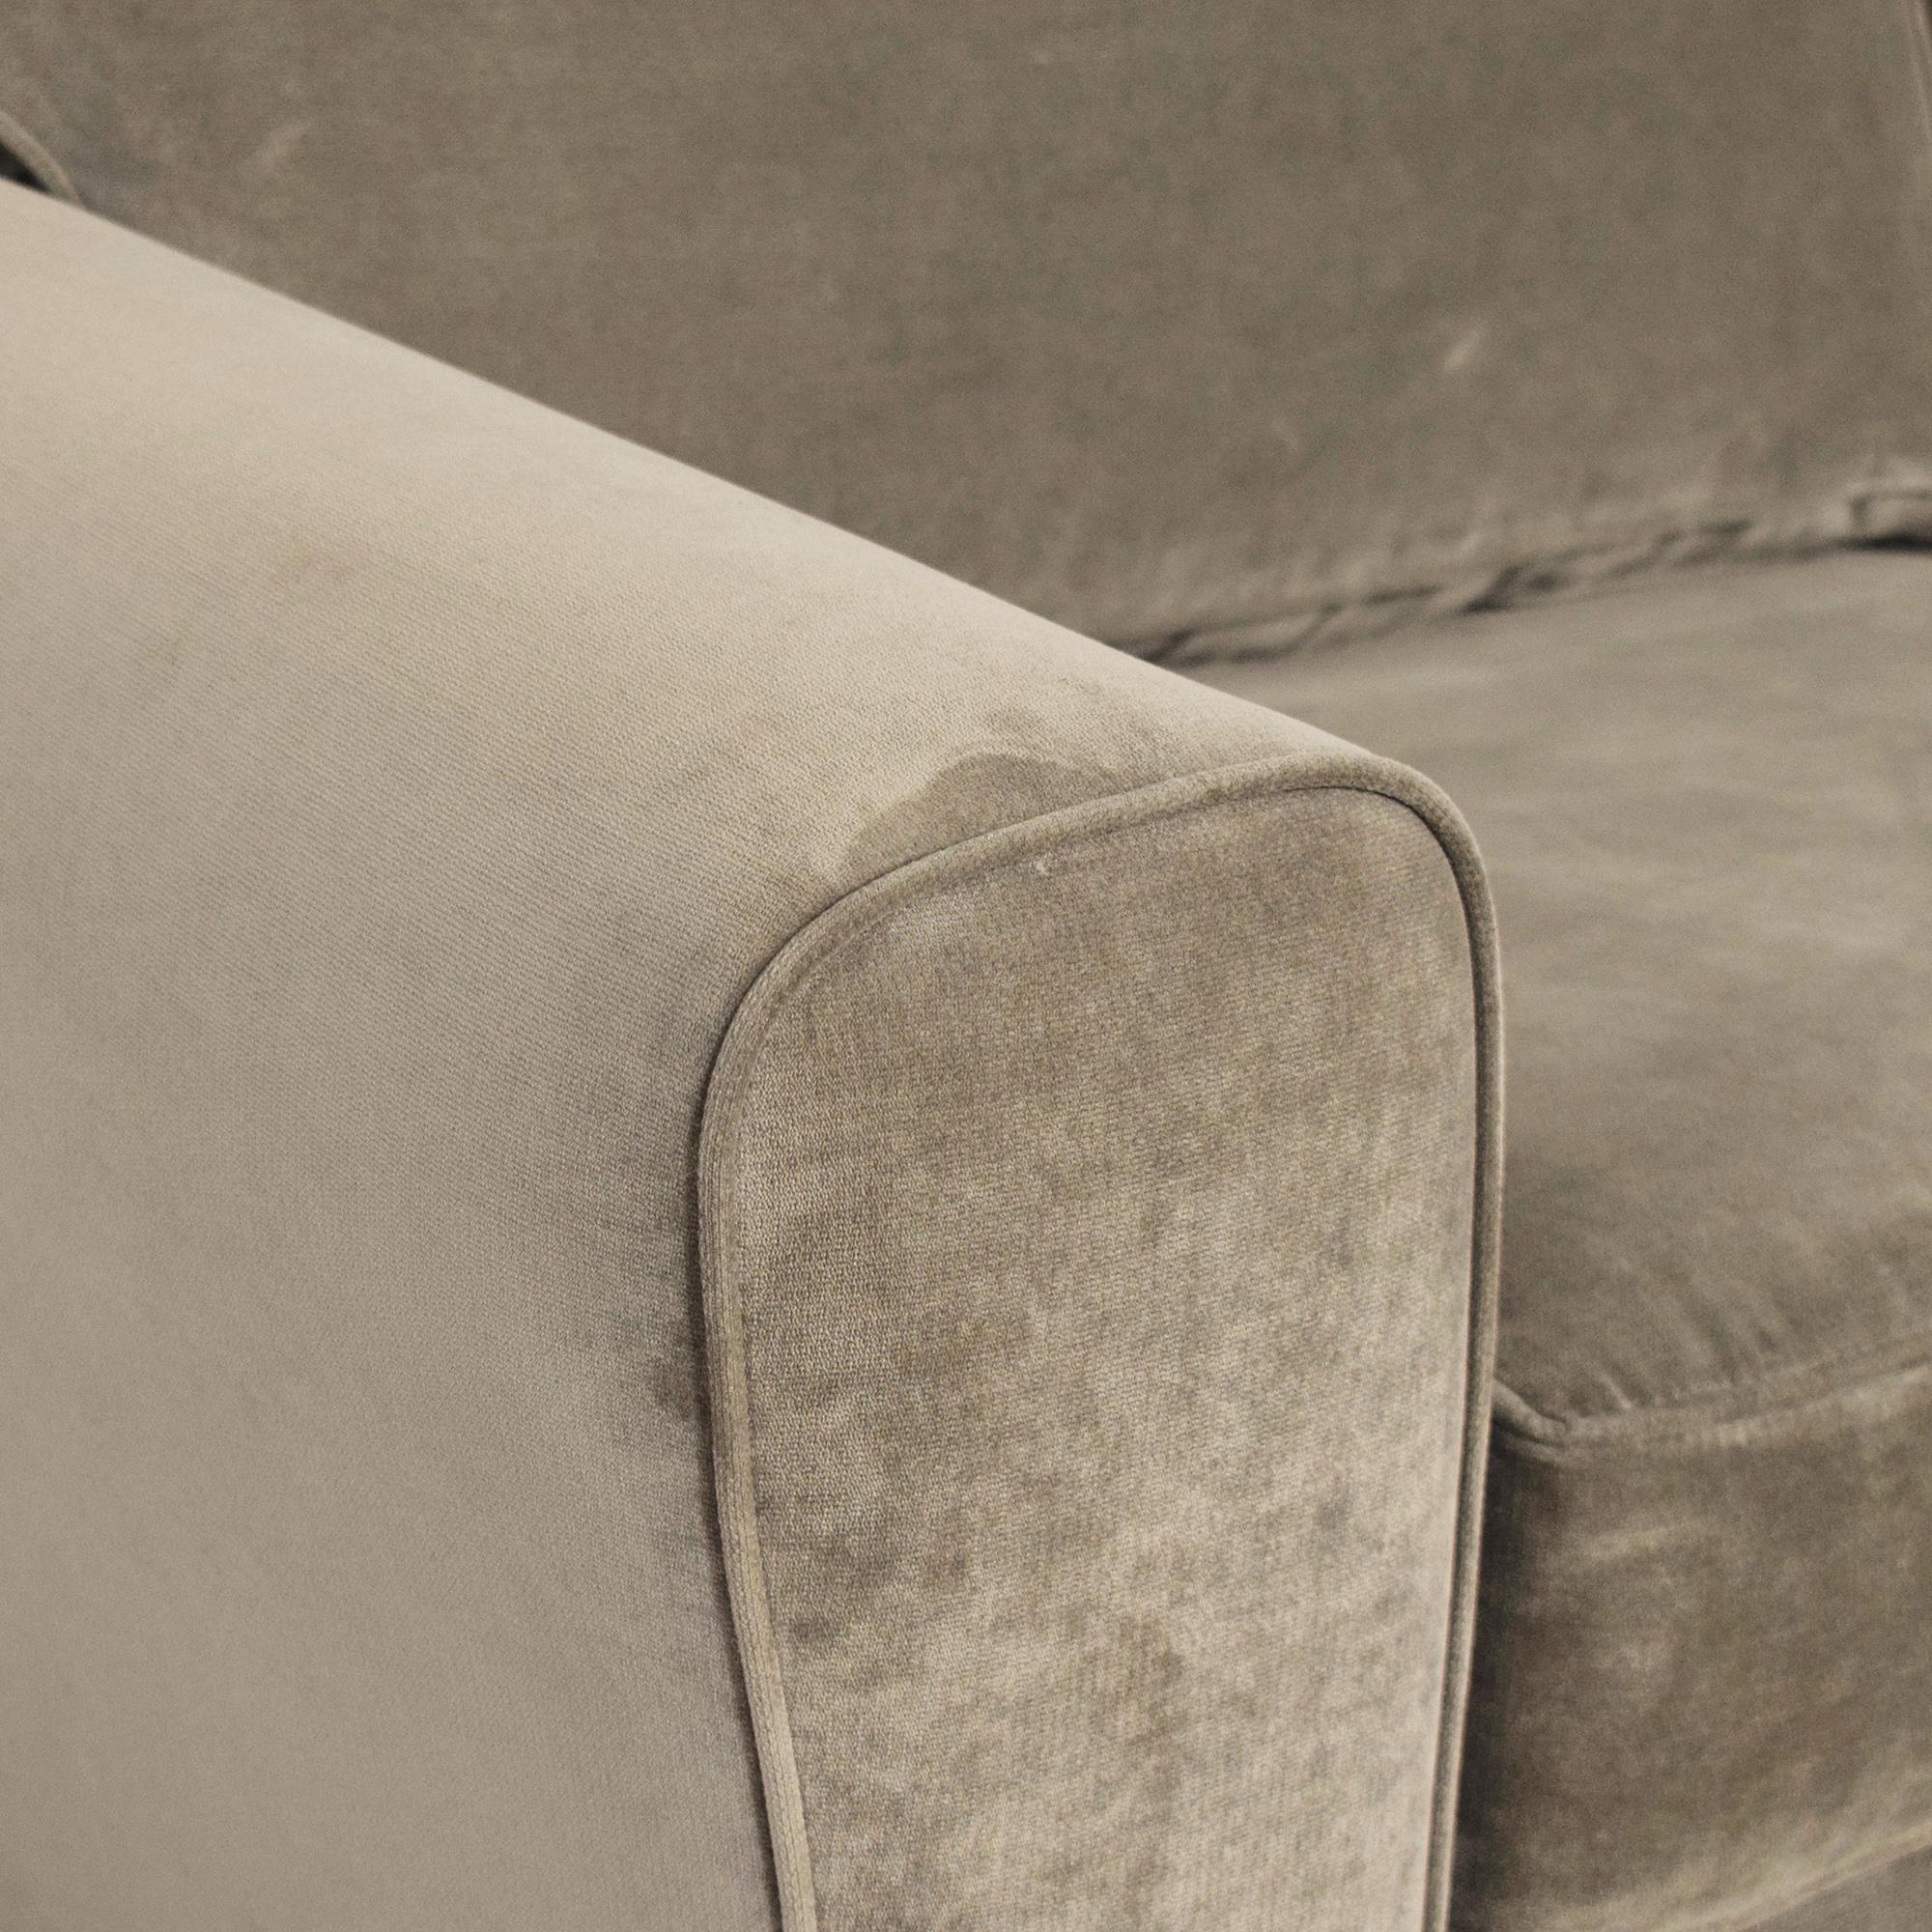 Raymour & Flanigan Raymour & Flanigan Artemis II Sectional Sofa with Sleeper coupon